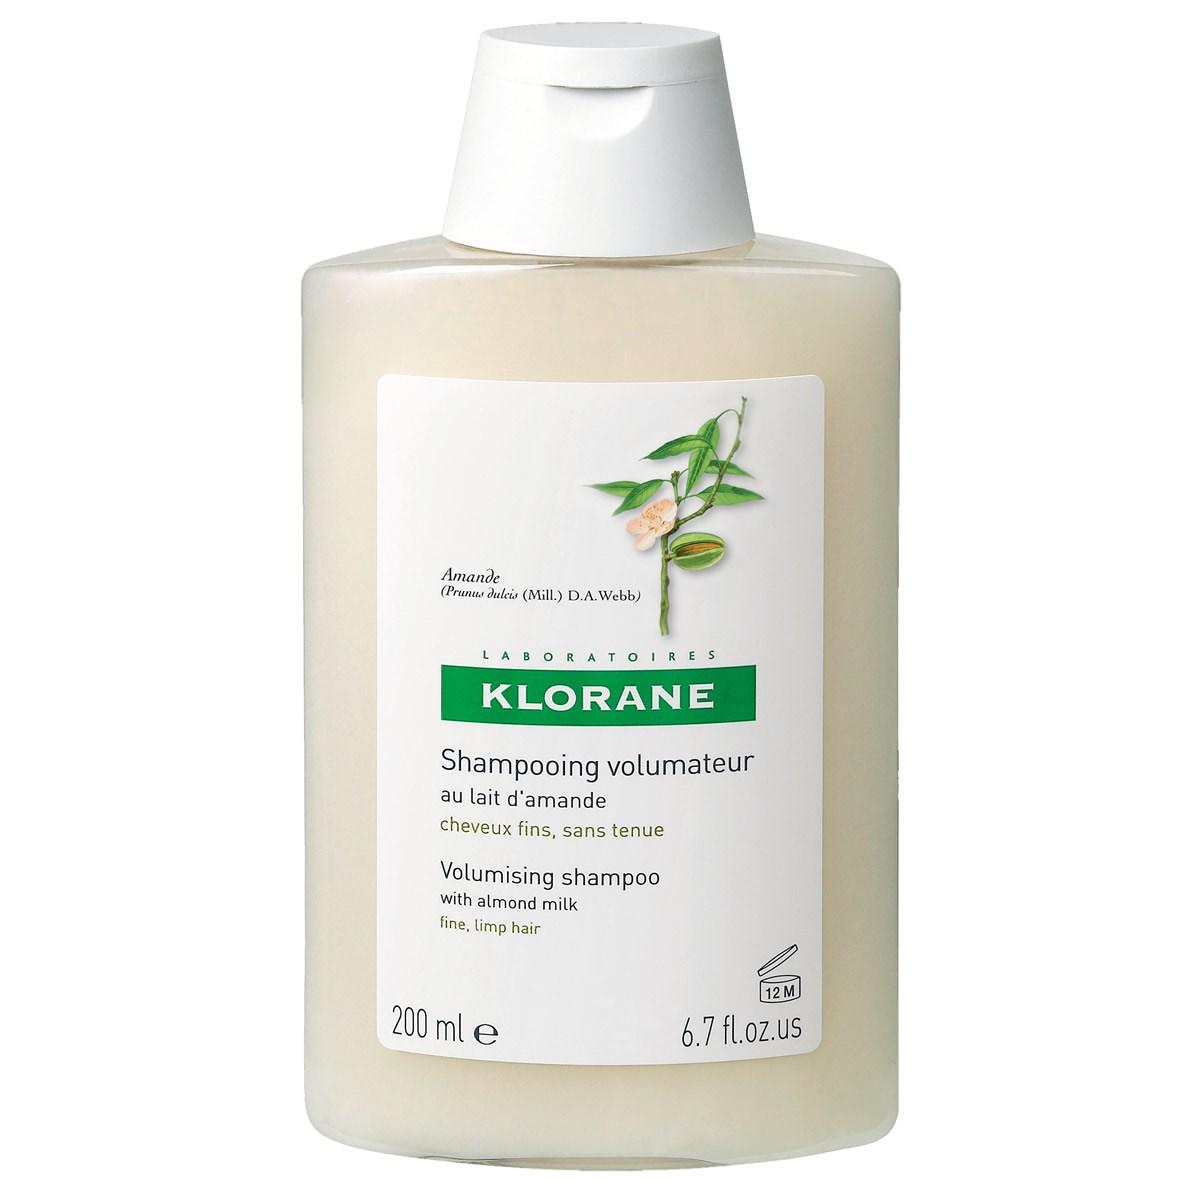 Klorane Almond Milk Shampoo